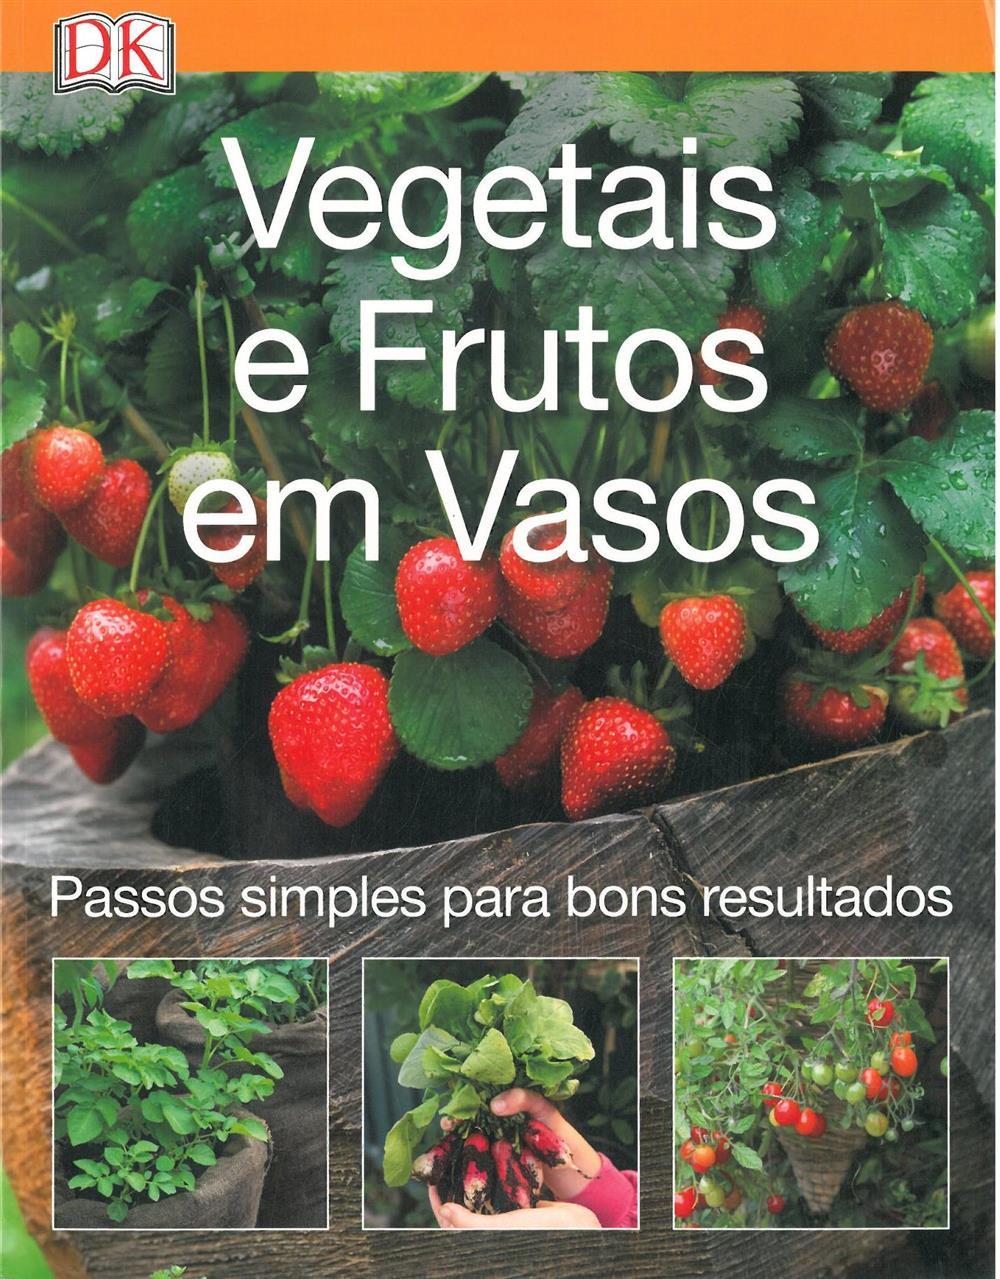 Vegetais e frutos em vasos.jpg